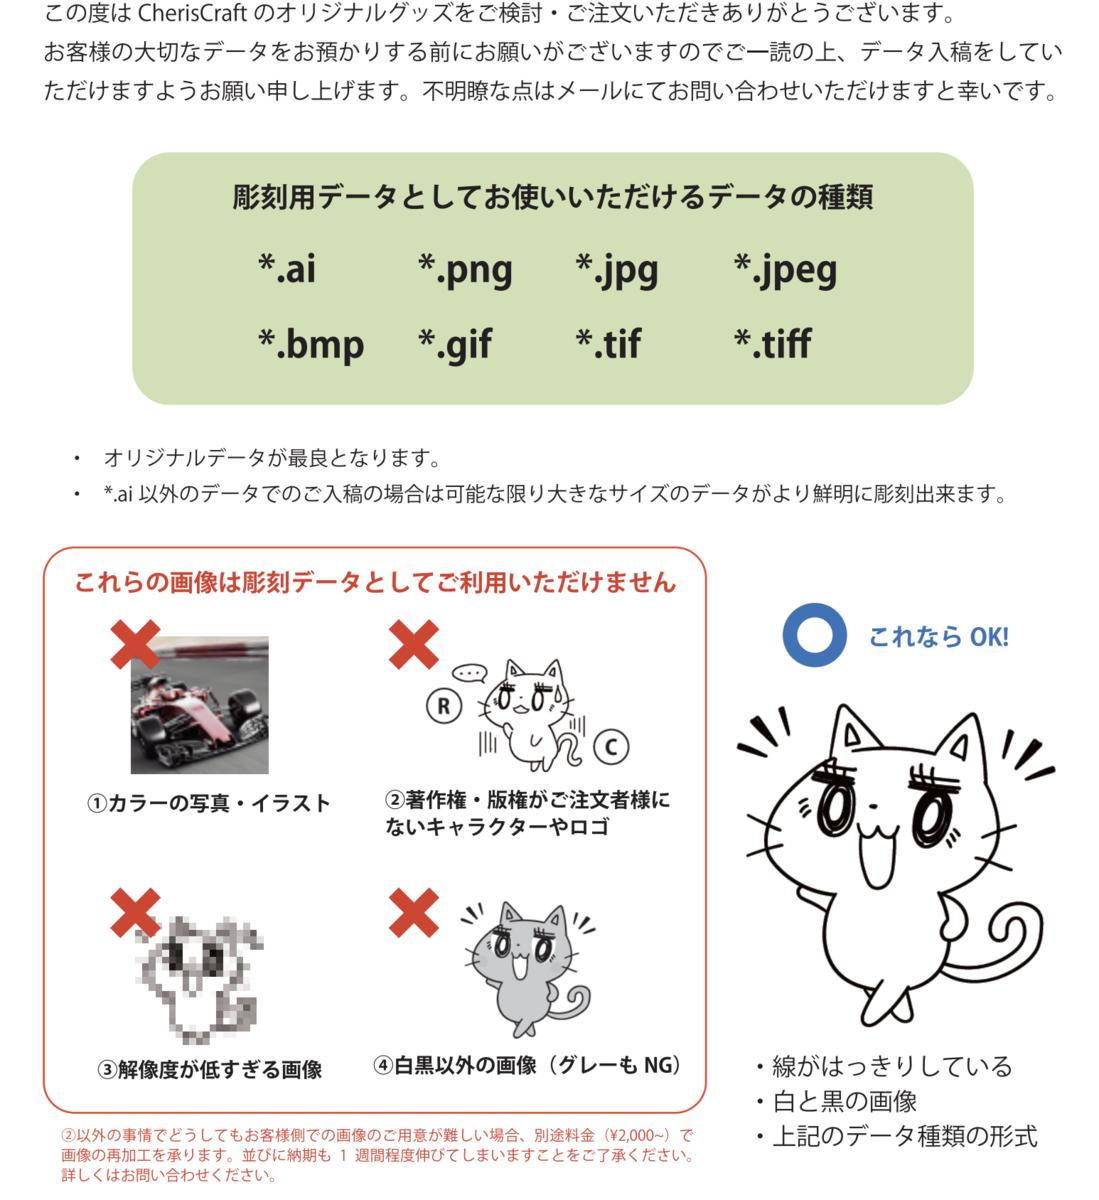 f:id:shufu-rc:20200131233807p:plain